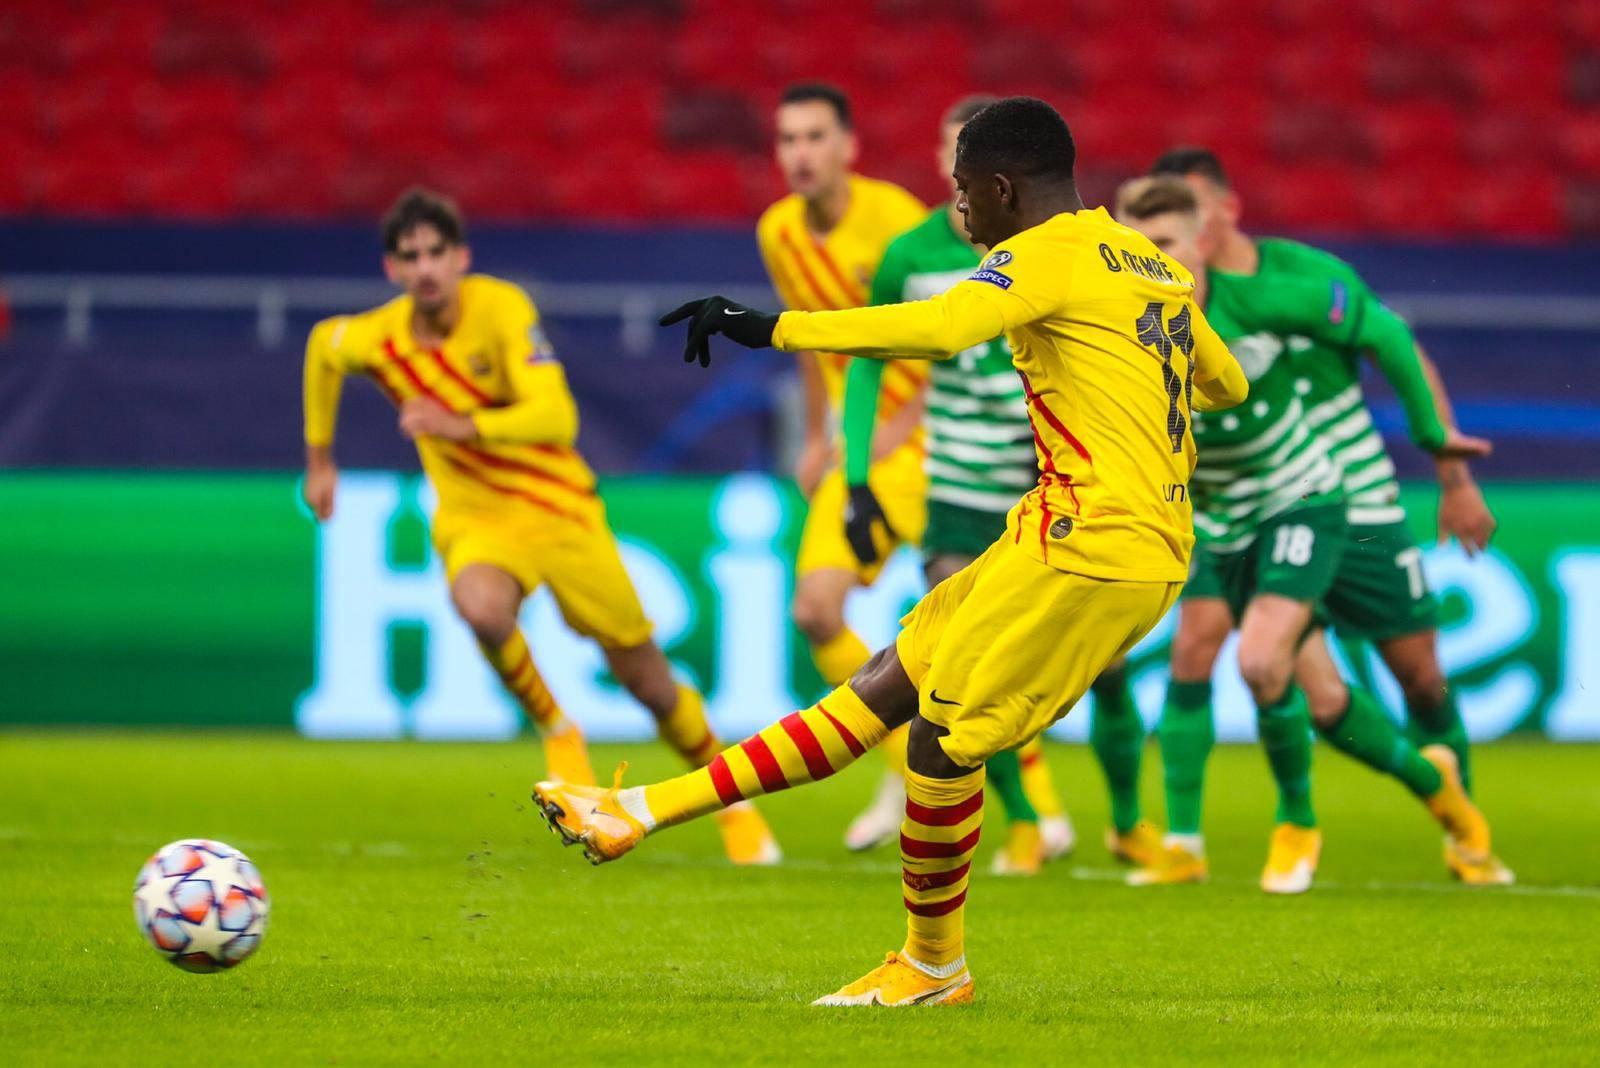 برشلونة يتفوق على فرينكفاروزي ويحقق الفوز الخامس له بدوري الأبطال